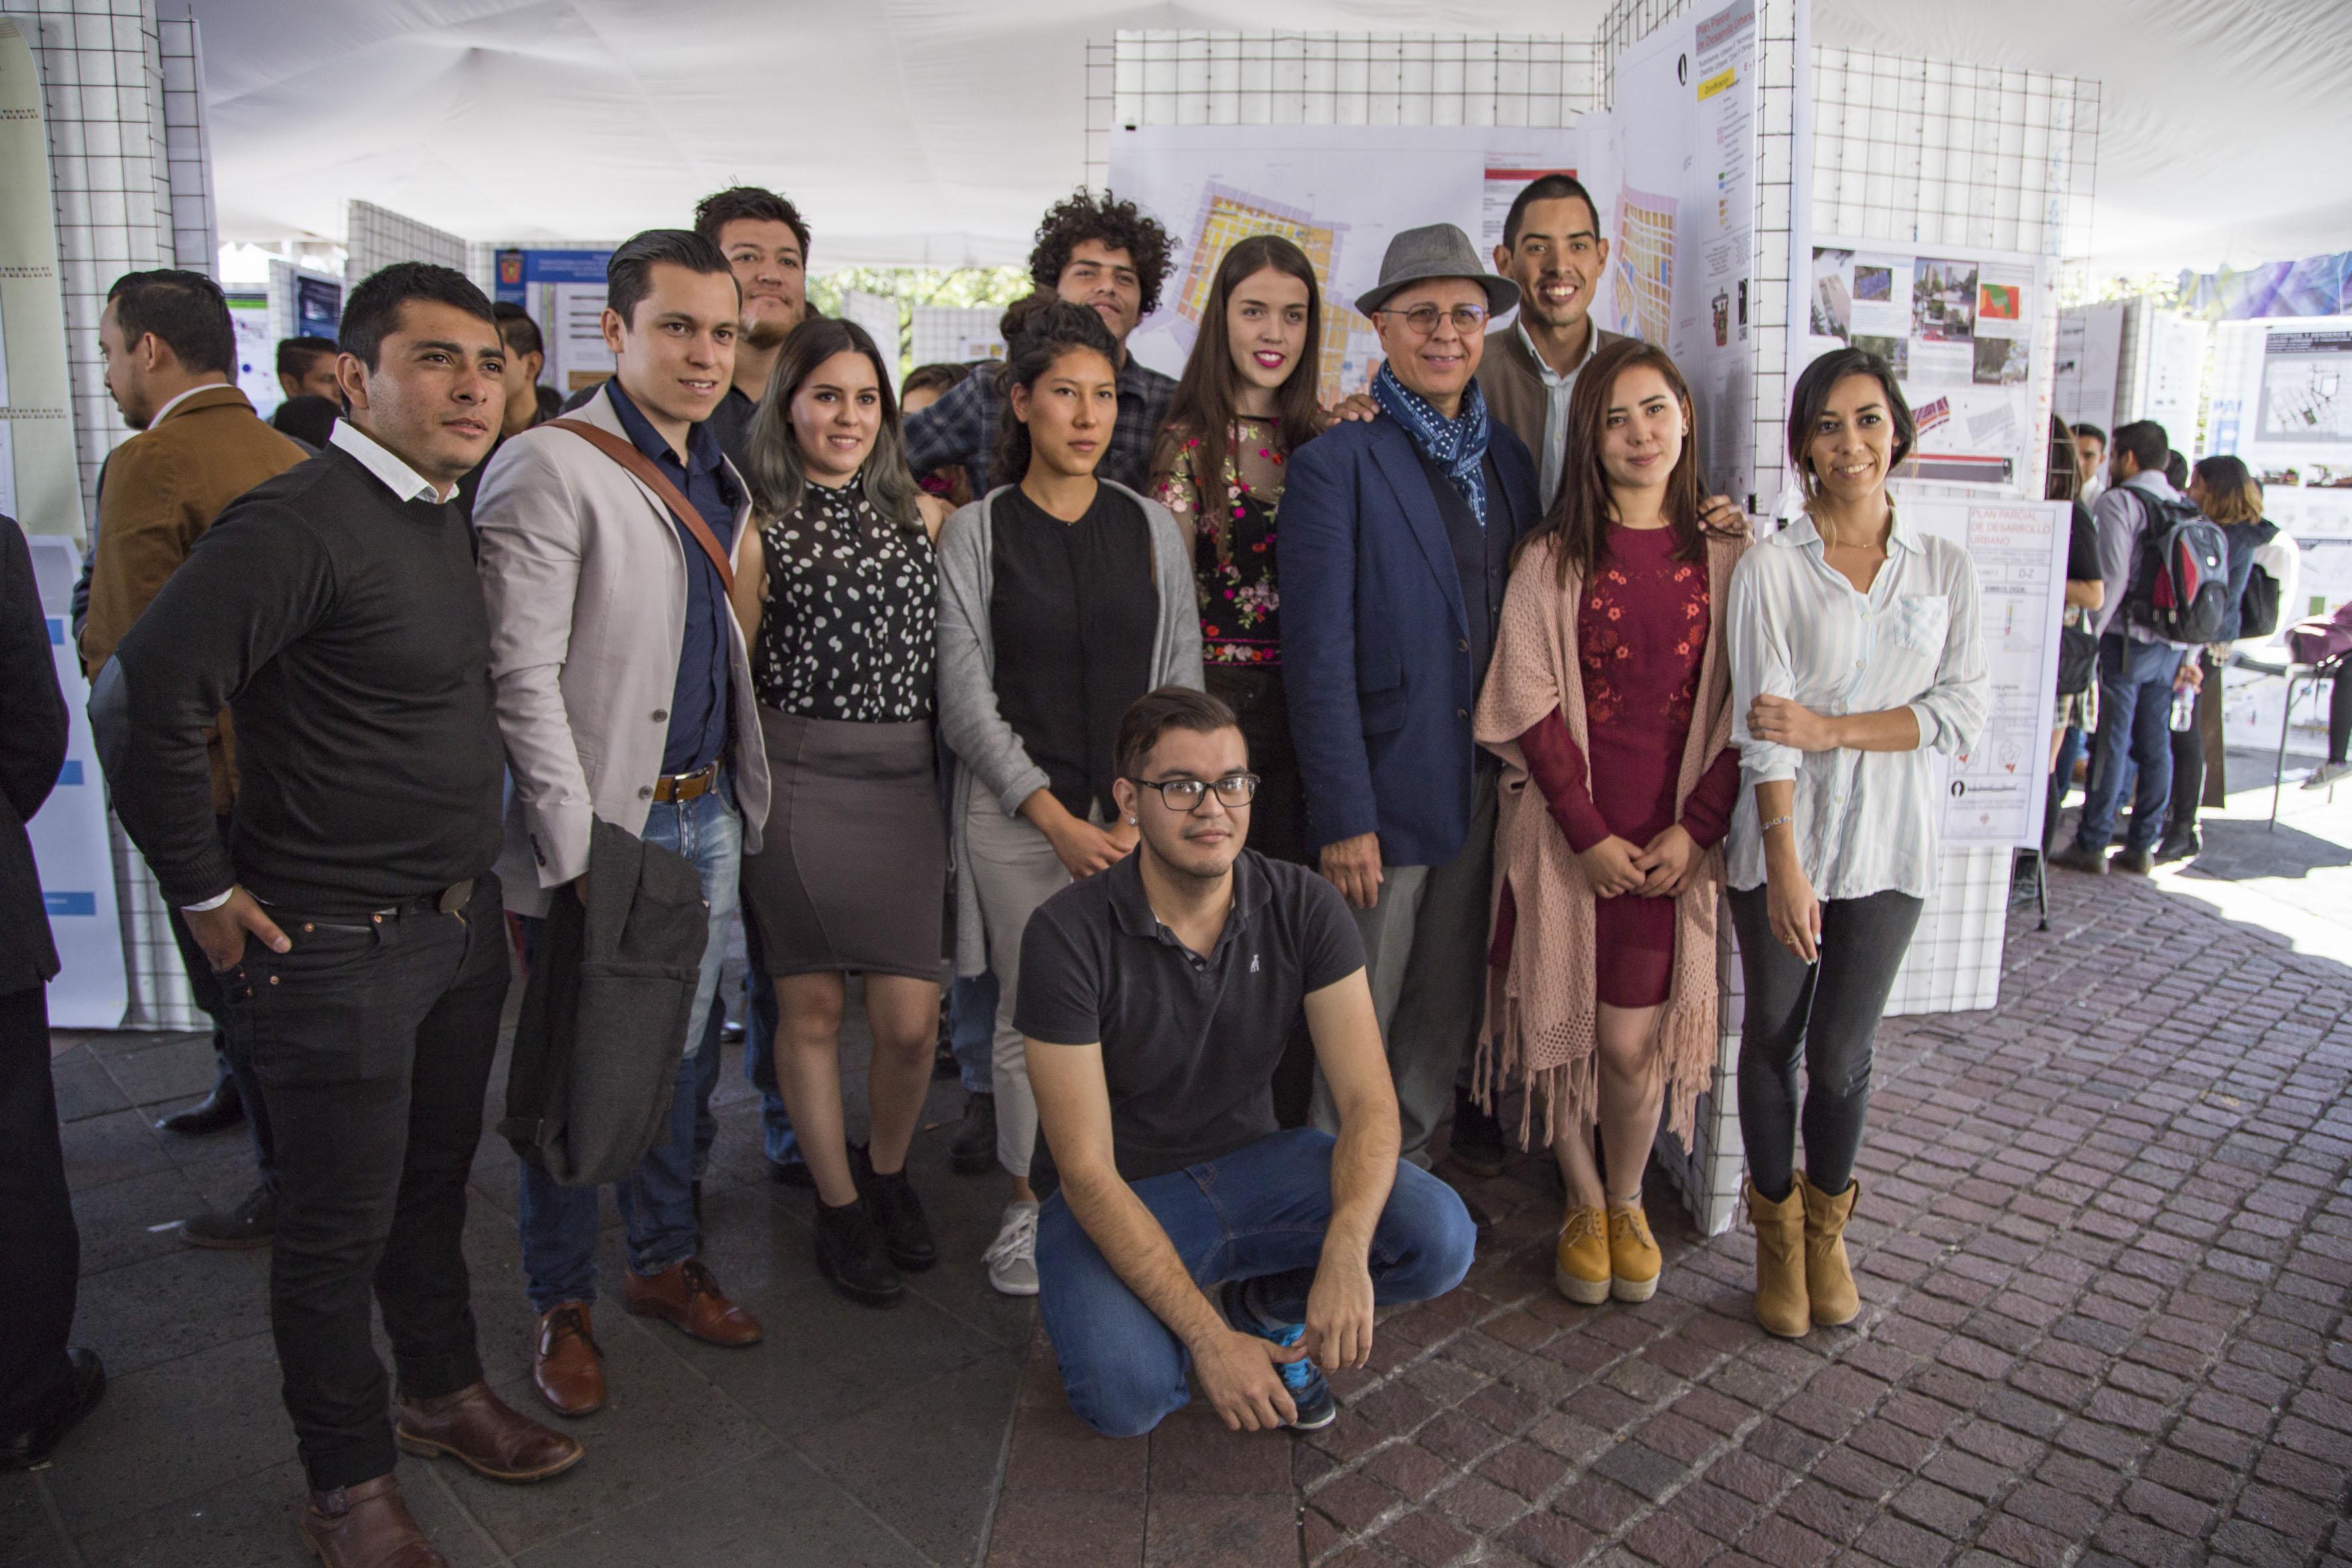 Estudiantes y profesor del Centro Universitario de Arte, Arquitectura y Diseño (CUAAD), participando en la exposición